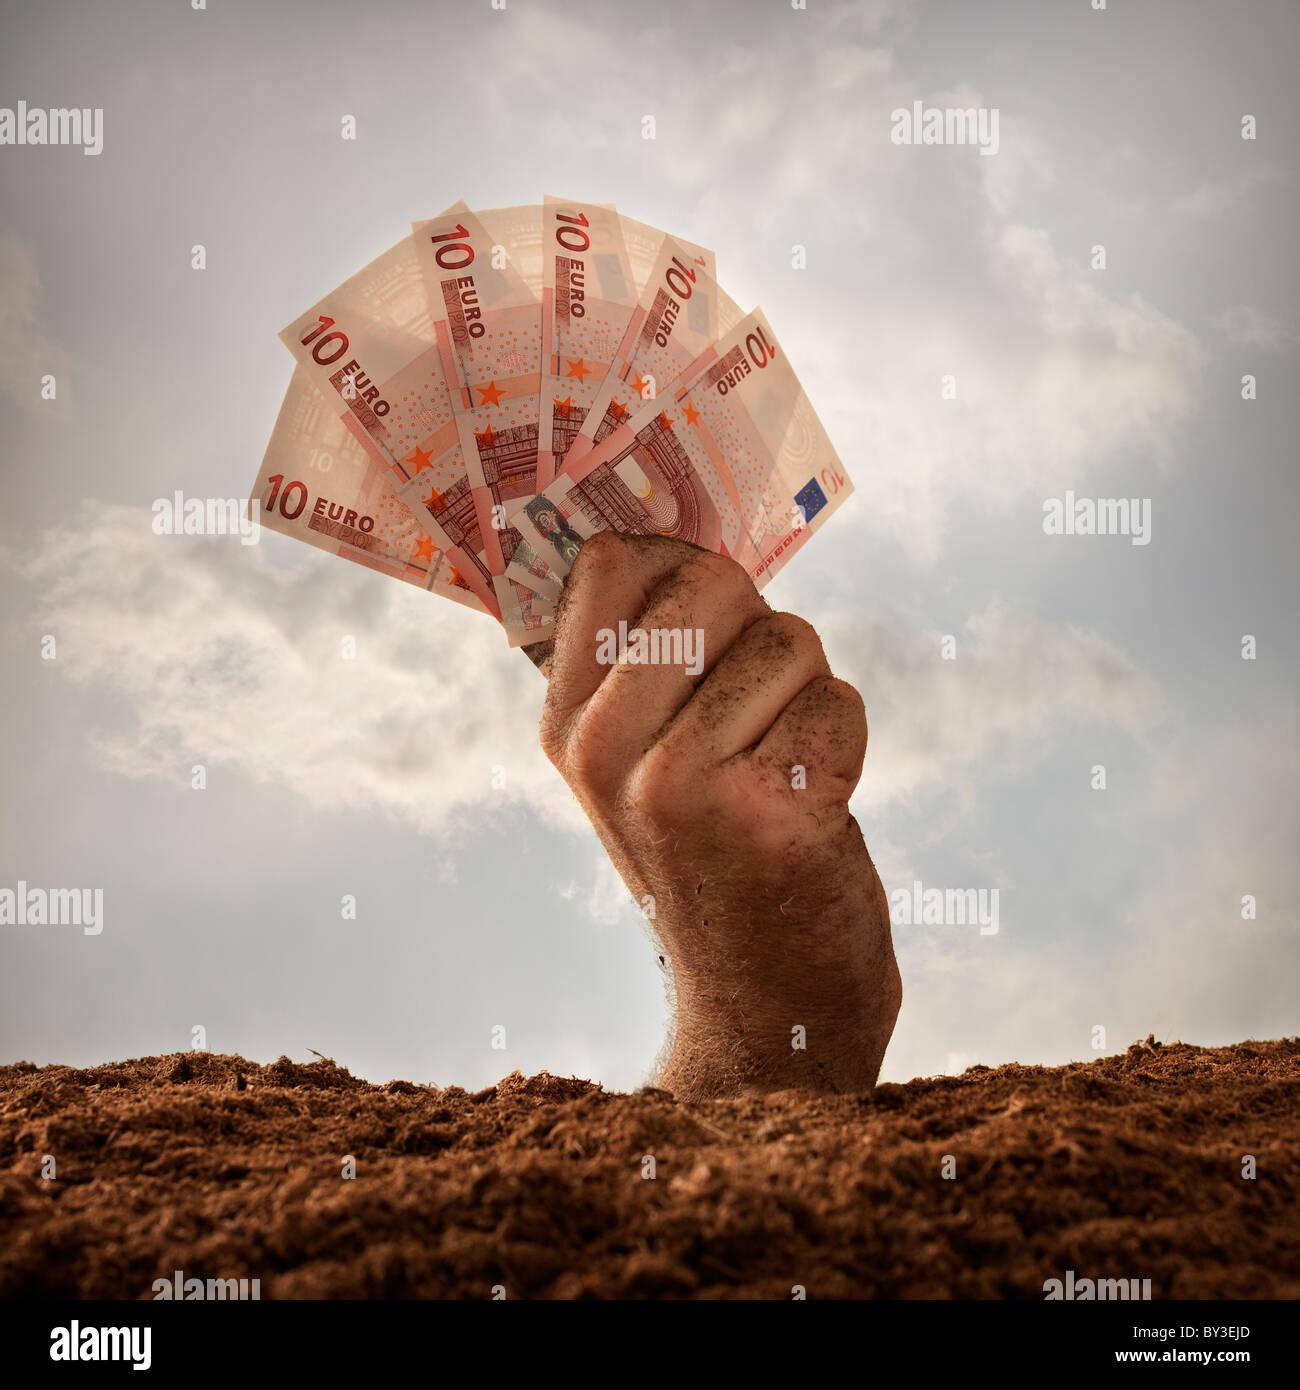 Human hand holding ten euros banknotes, studio shot - Stock Image